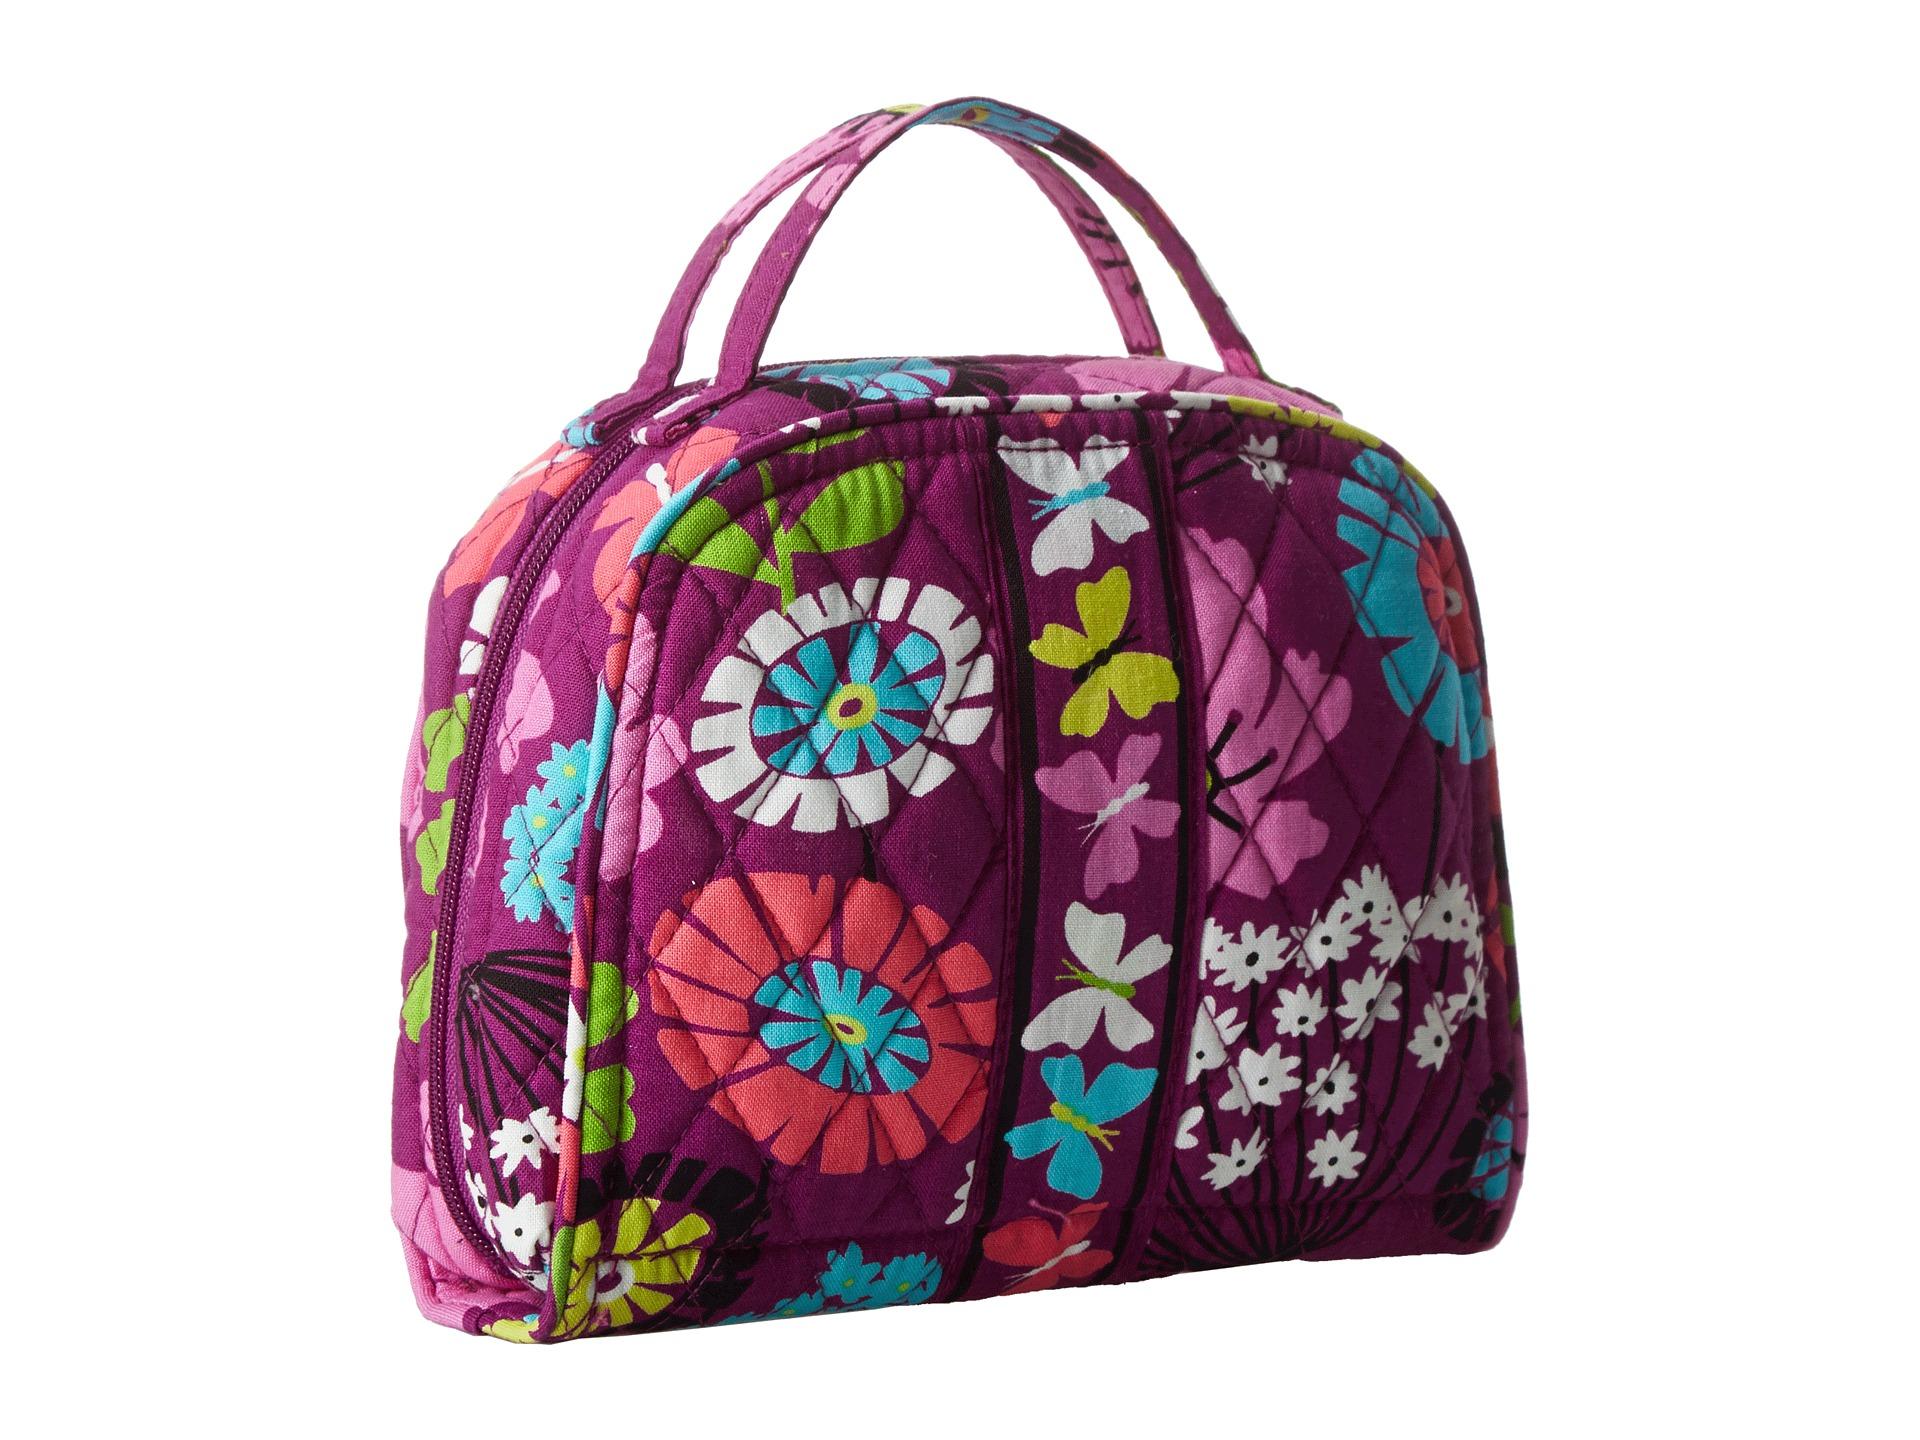 vera bradley luggage travel jewelry organizer flutterby